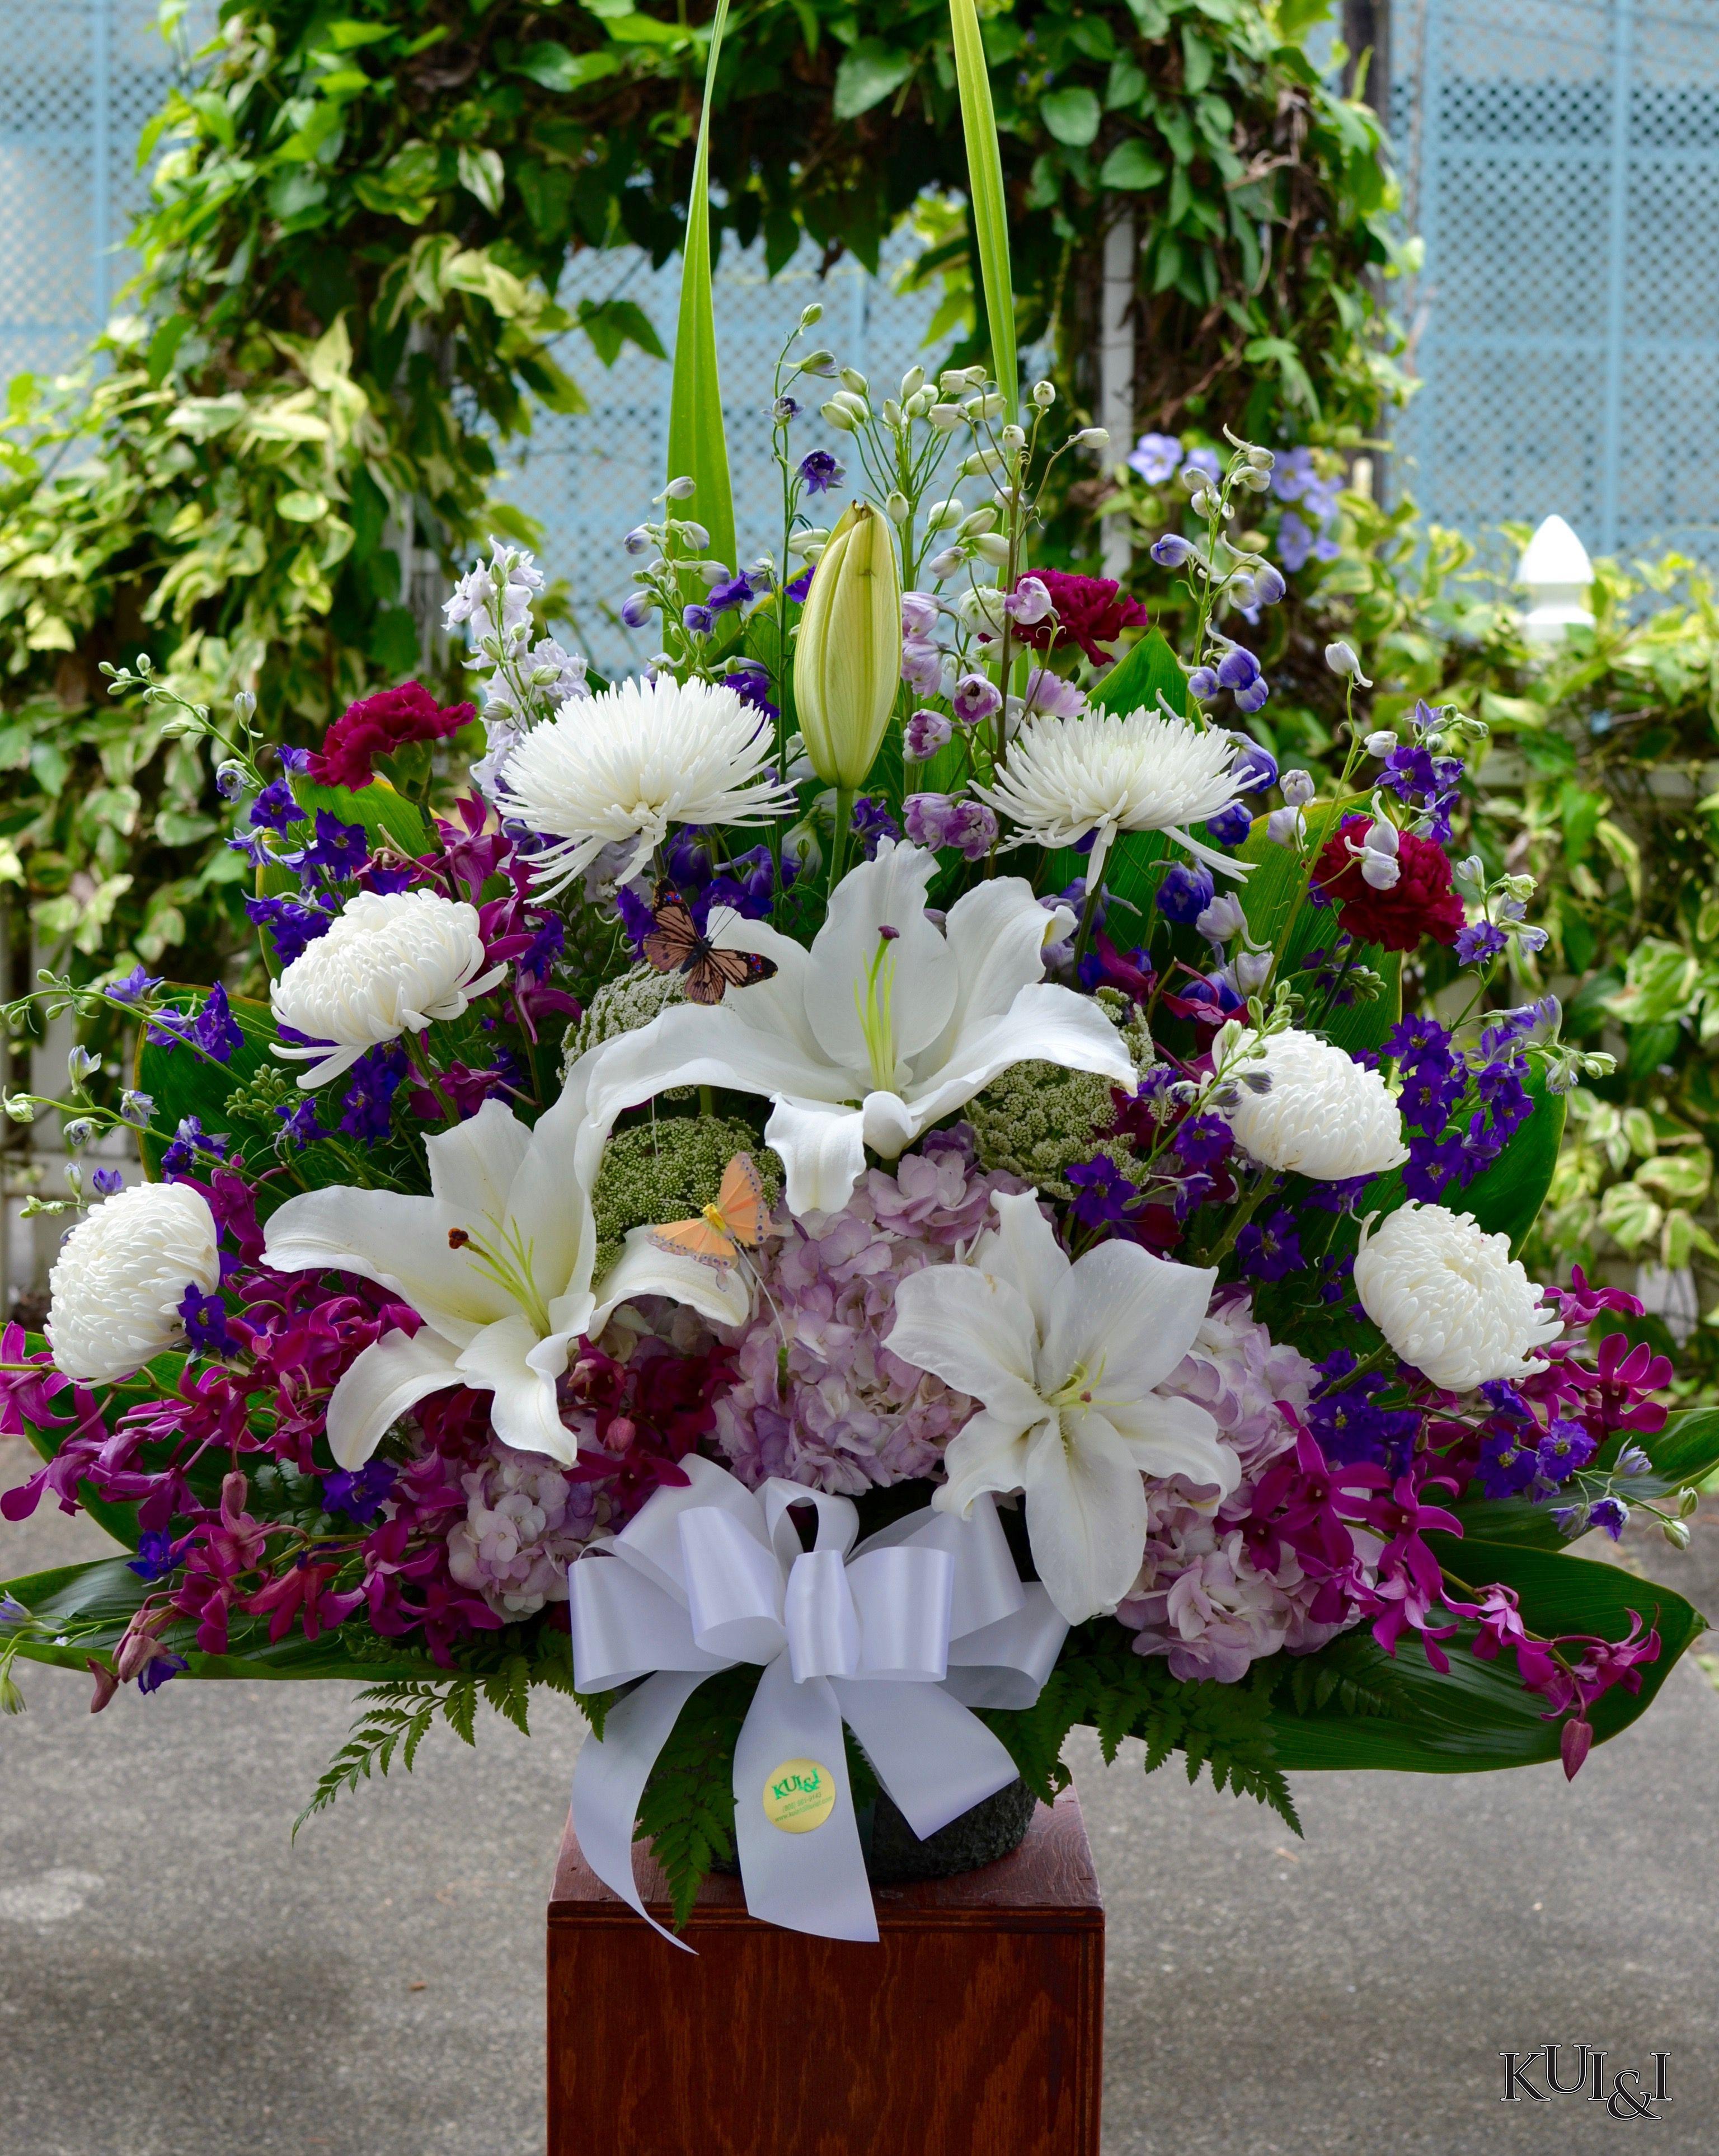 Sympathy Flower Arrangement Kui I Florist Llc Hilo Hawaii Kuiandiflorist Com Kuiandi Florist Flowe Sympathy Flowers Flower Arrangements Funeral Flowers